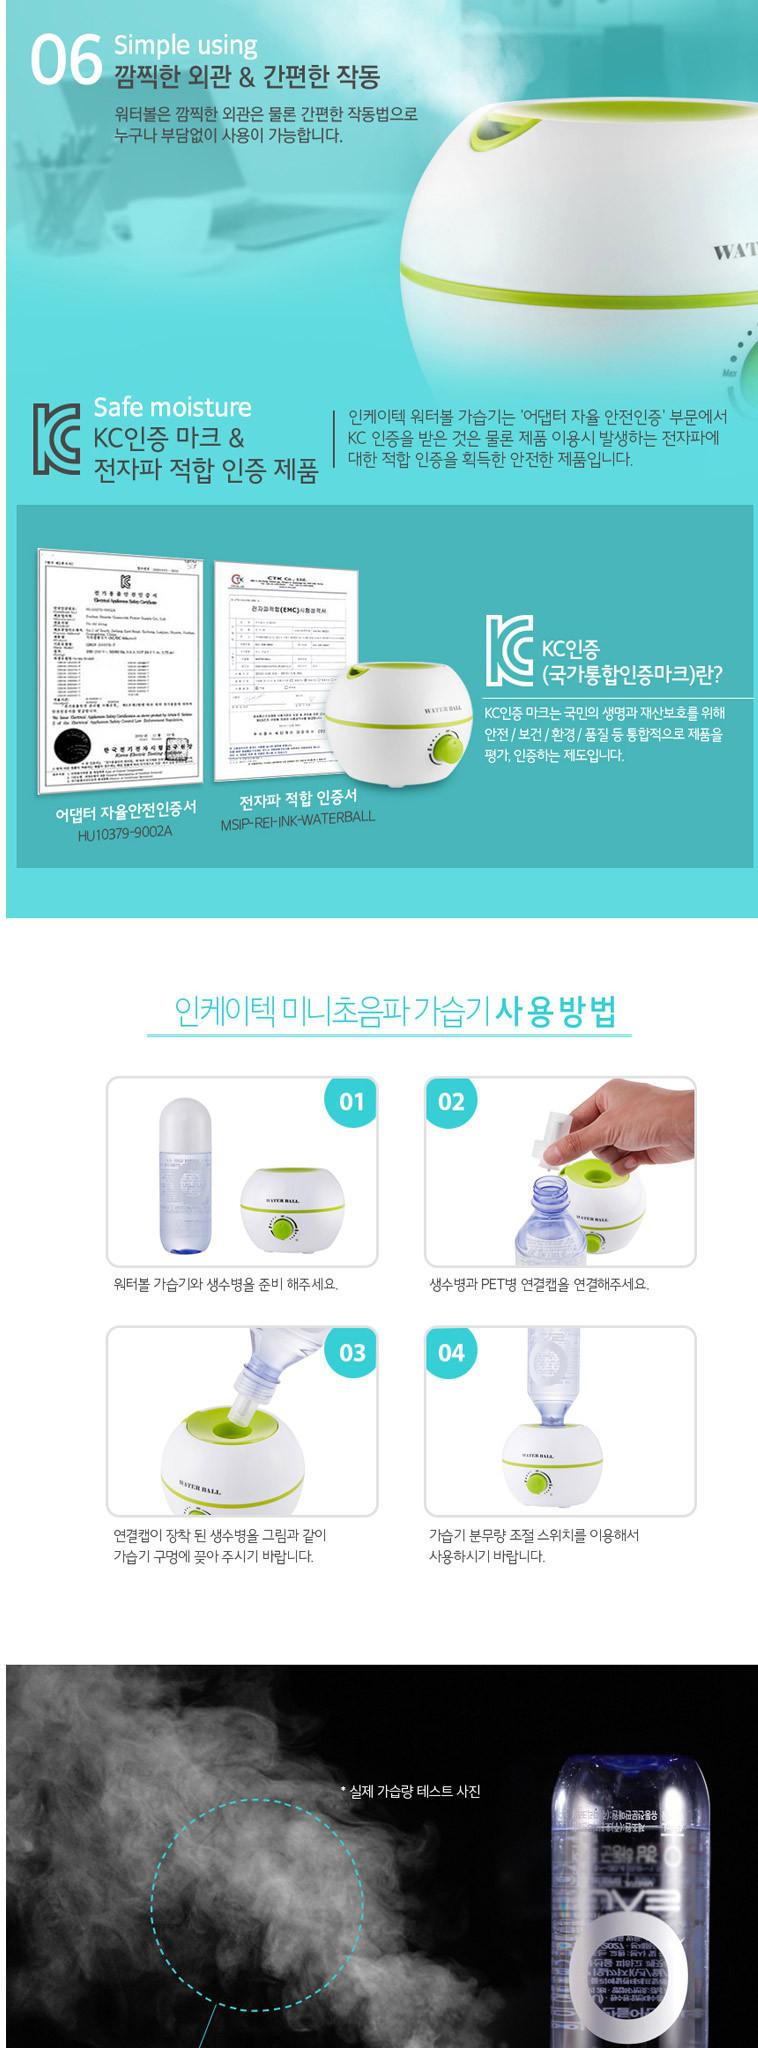 [무료배송] 워터볼 초음파 가습기 - 상세정보